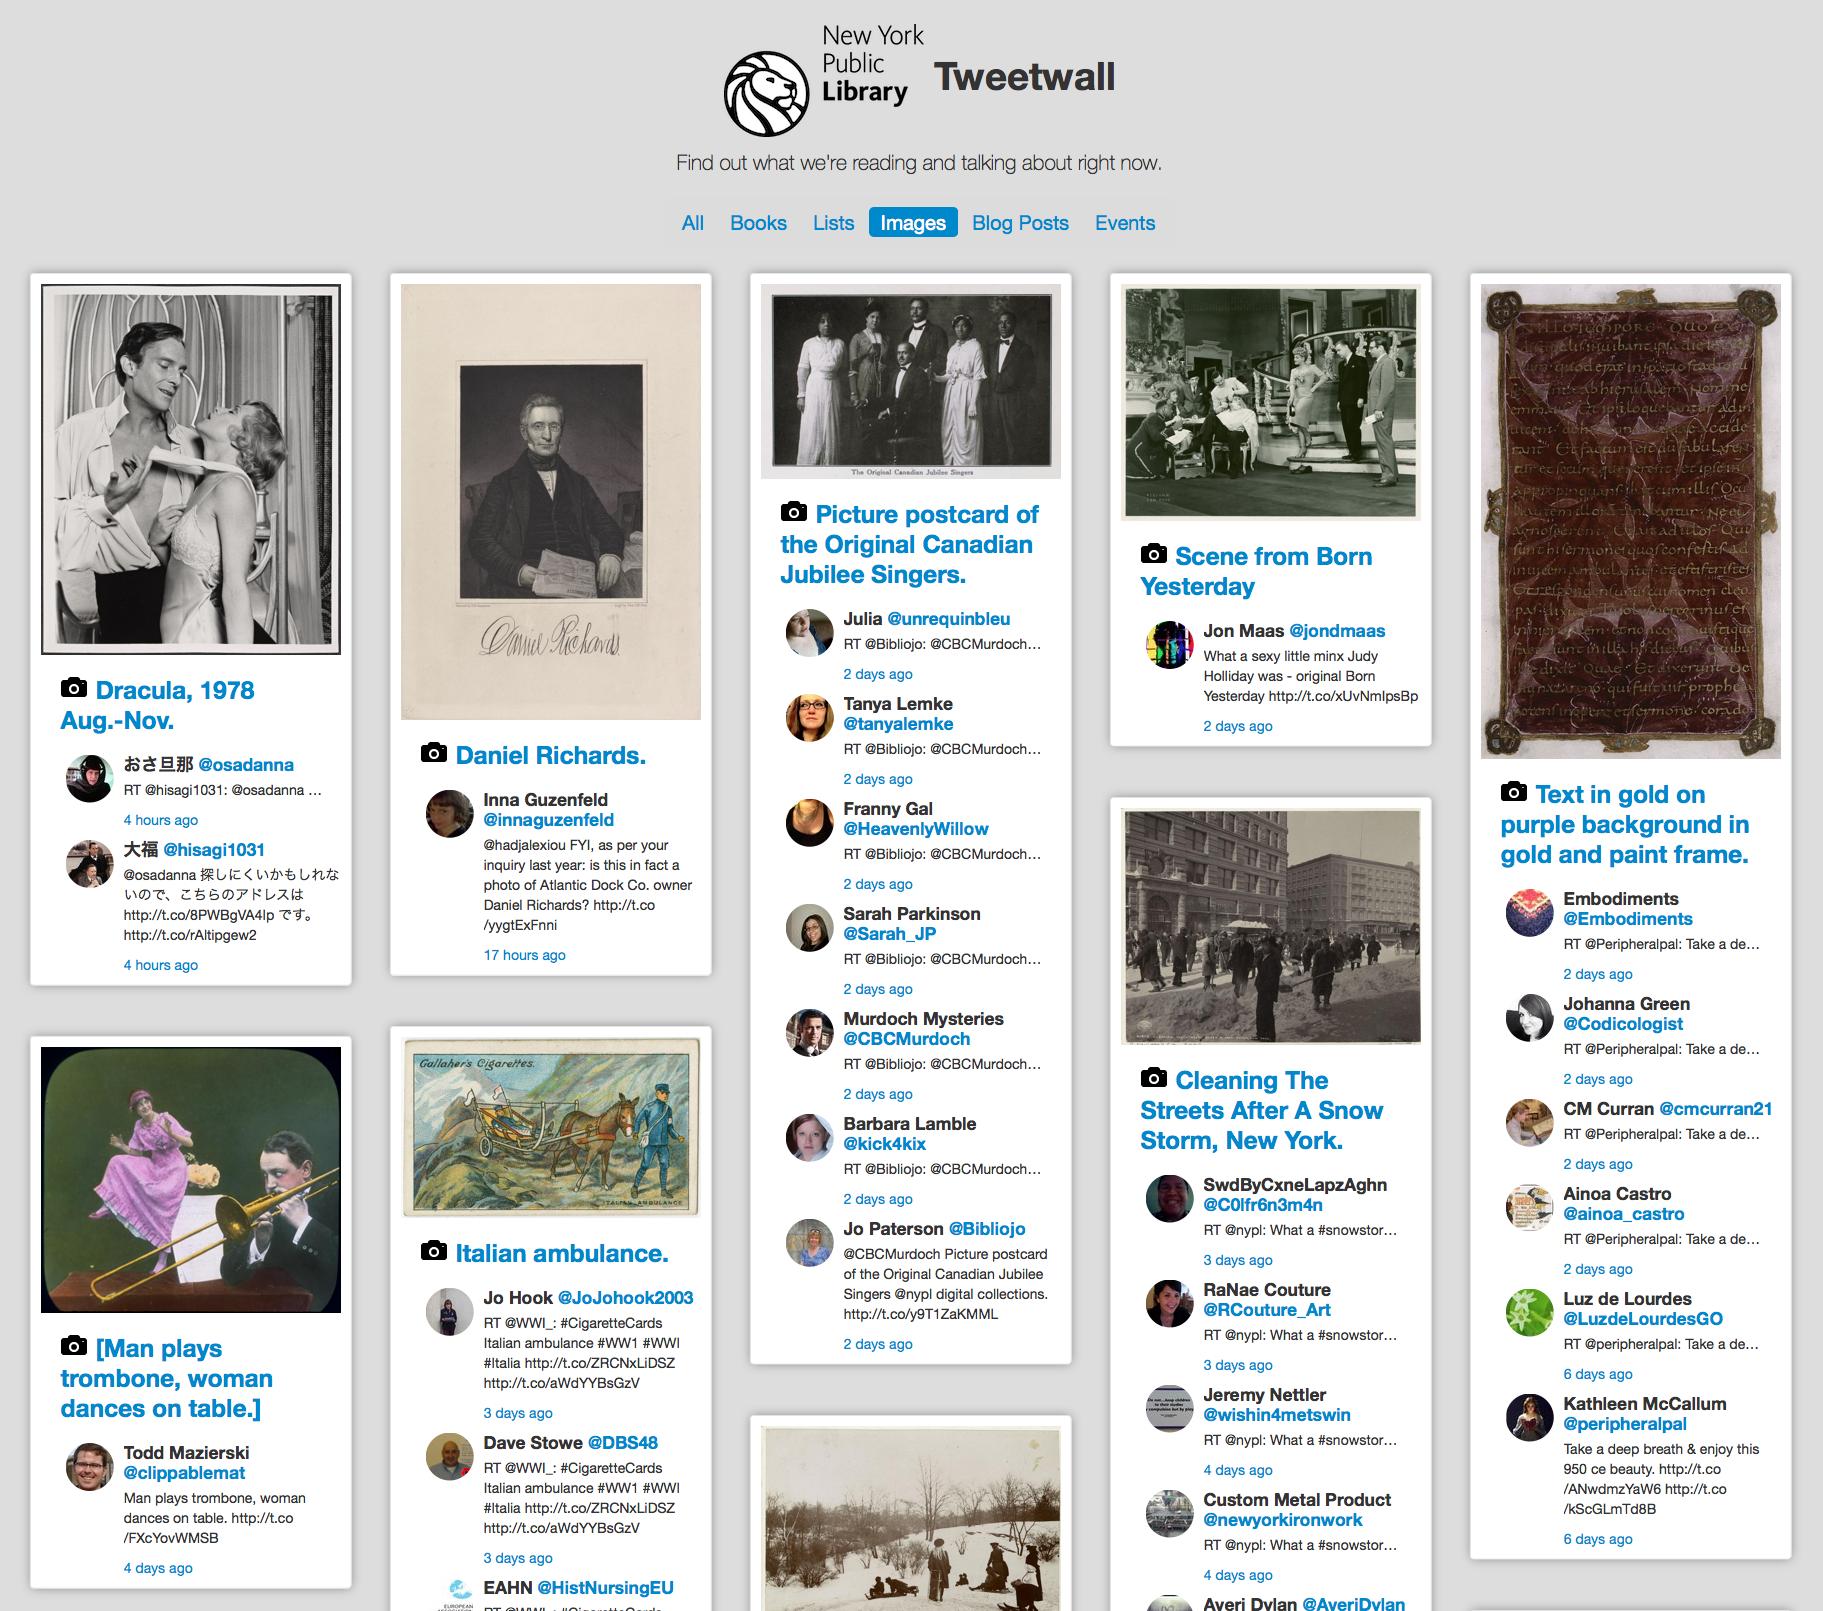 Screenshot of NYPL Tweetwall